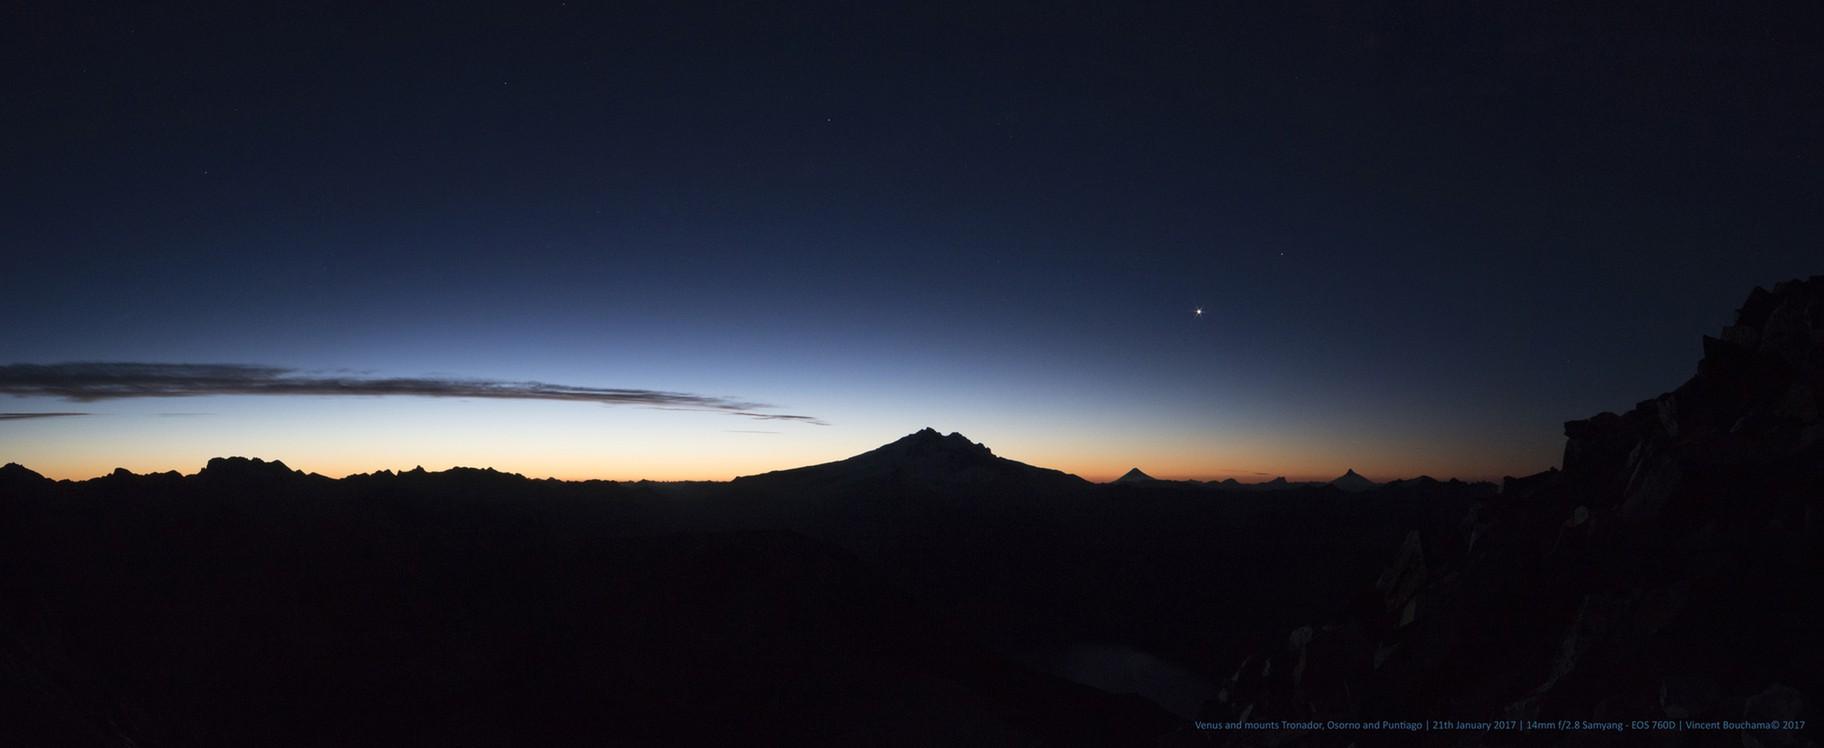 Venus and mounts Tronador, Osorno and Puntiago